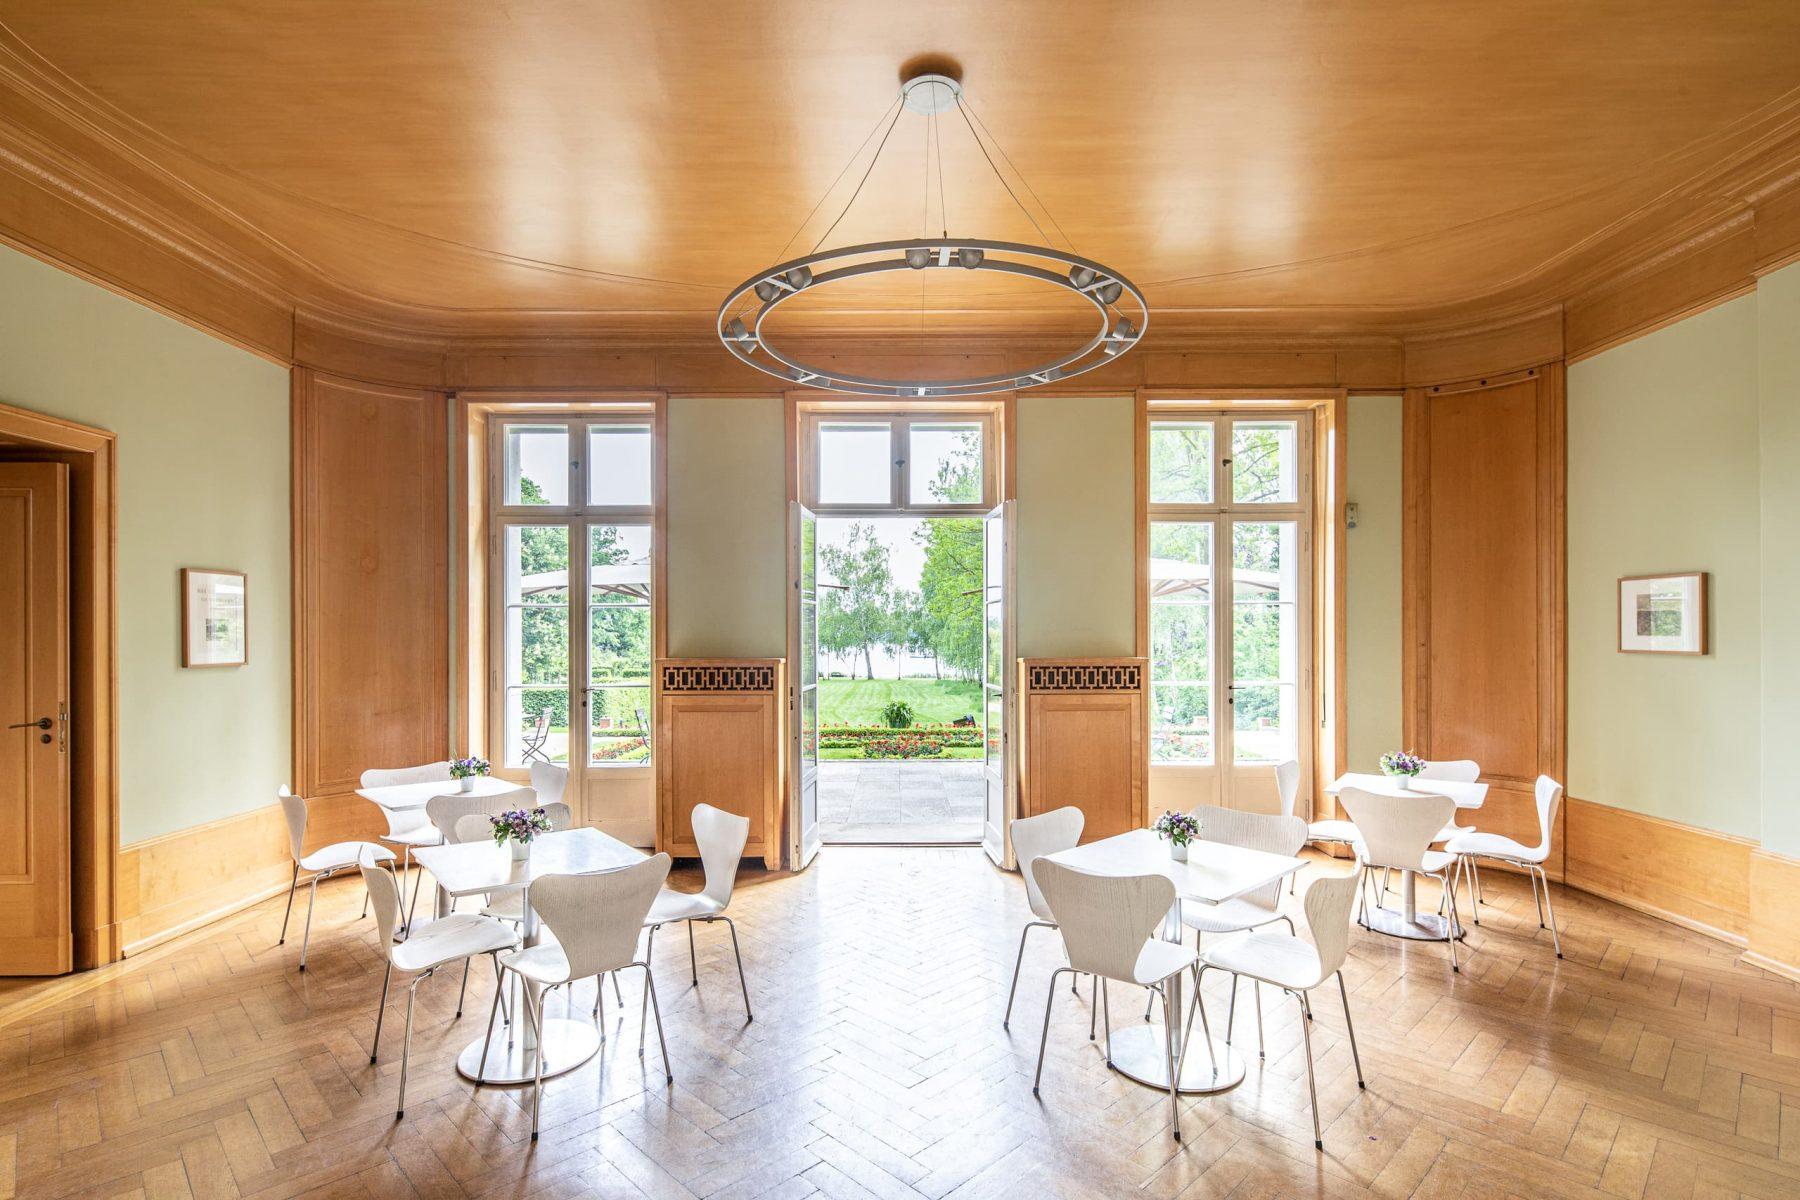 Großer Saal mit vier weißen Tischen, Stühlen und auf Holzboden. Links geöffnete Doppelfenstertüren, die den Blick auf den Wannseegarten öffnen.